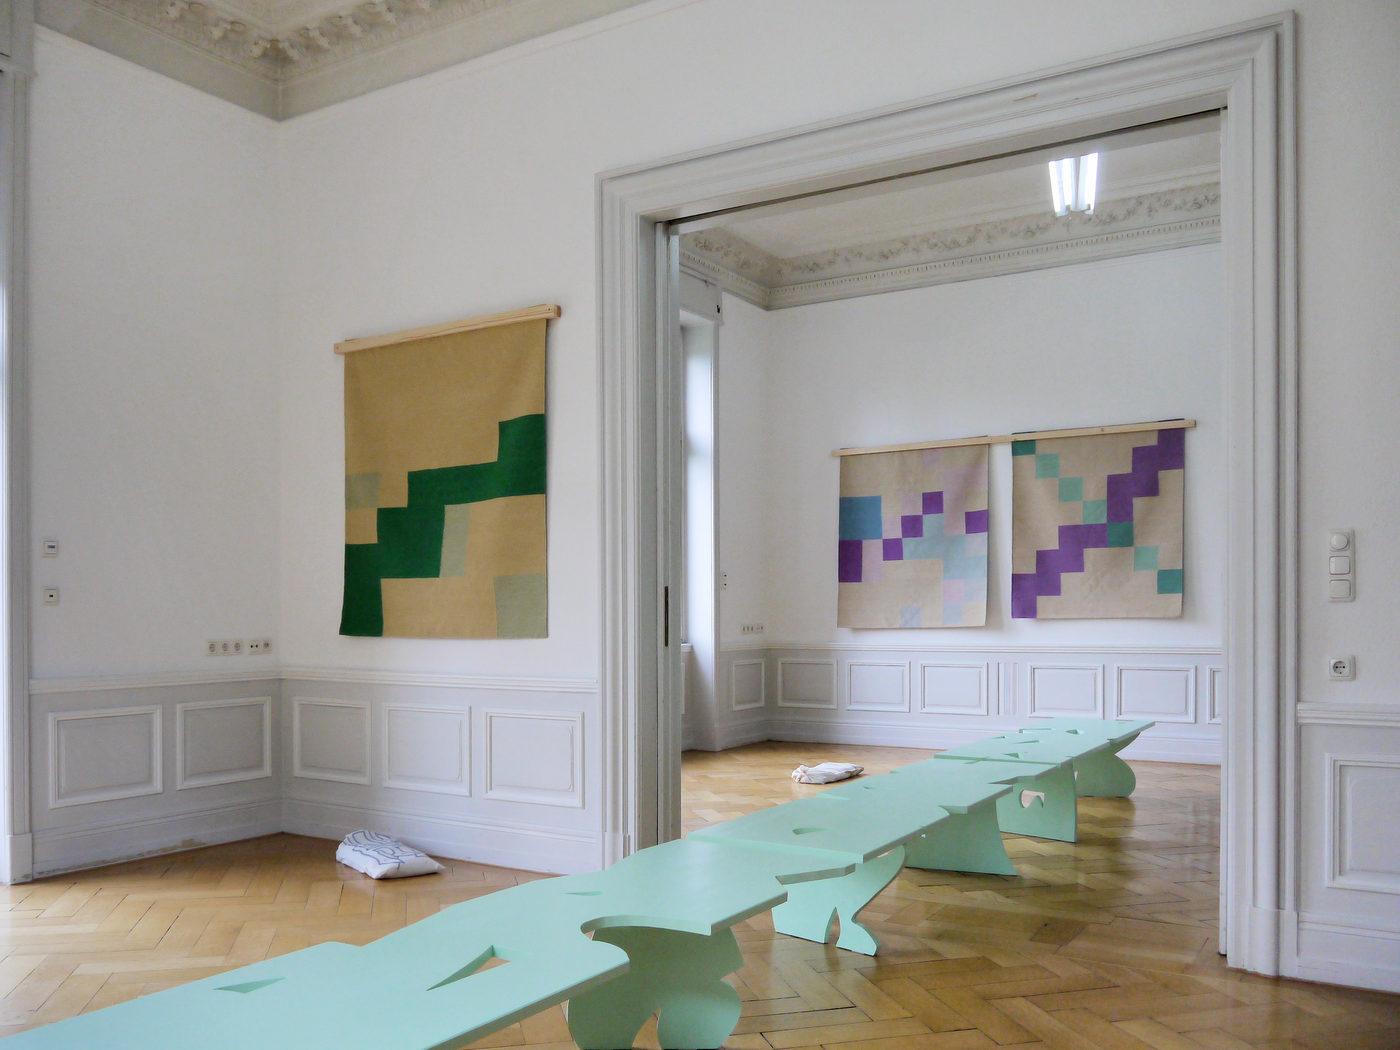 Salon Kennedy_Andy Boot_exhibition e4 e5_Frankfurt_Contemporary Art_Cultural Avenue